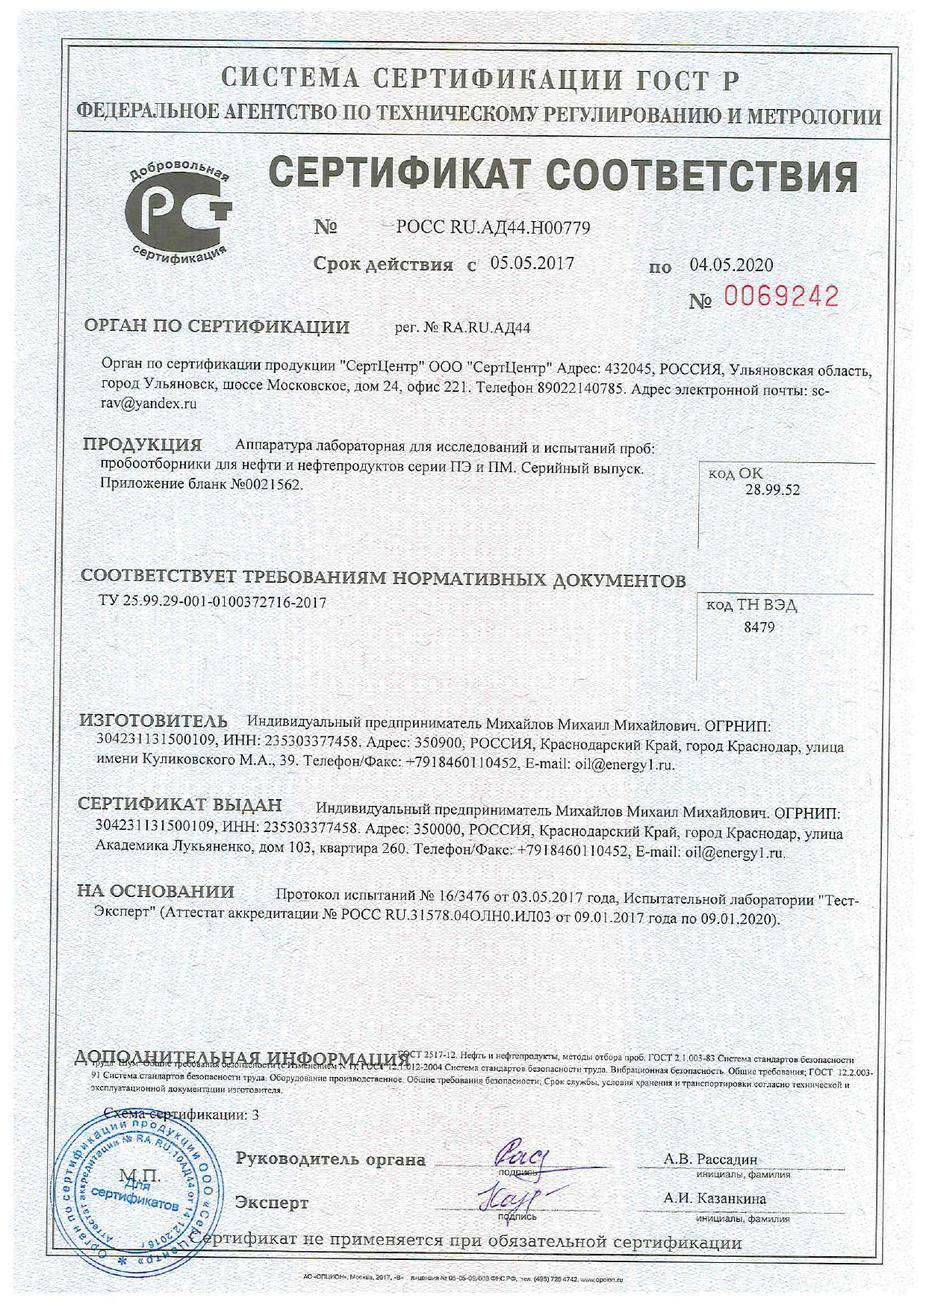 Сертификат соответствия на пробоотборники